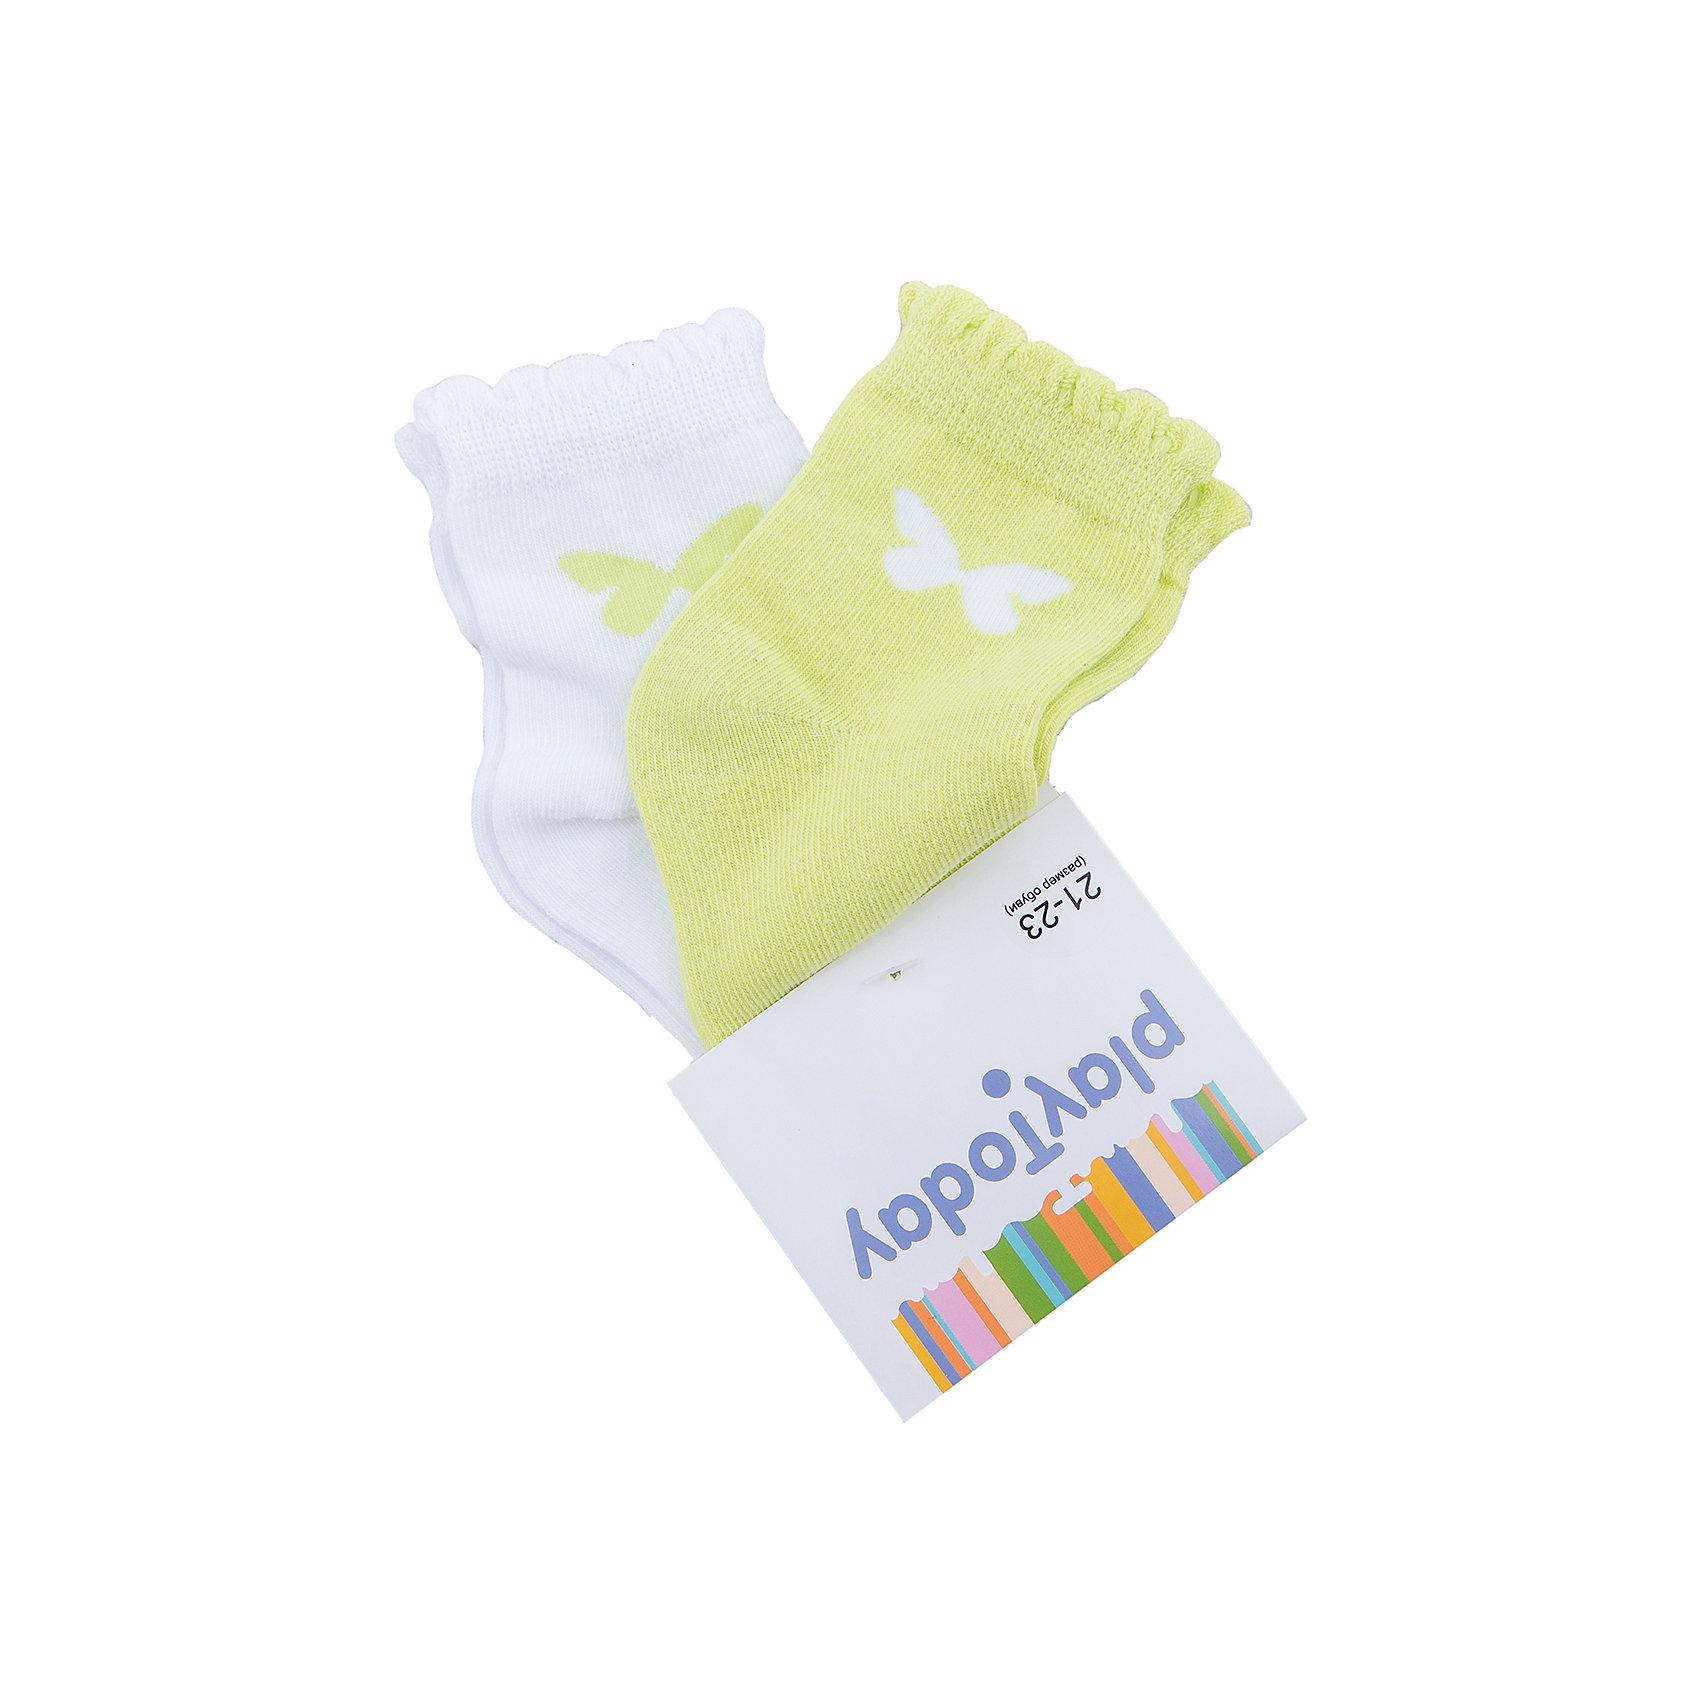 Носки для девочки PlayTodayНоски<br>Носки для девочки PlayToday<br>Носки очень мягкие, из качественных материалов, приятны к телу и не сковывают движений. Хорошо пропускают воздух, тем самым позволяя коже дышать.  Даже частые стирки, при условии соблюдений рекомендаций по уходу, не изменят ни форму, ни цвет изделий. <br><br>Преимущества: <br><br>Мягкие, выполненные из натуральных материалов, приятны к телу, не сковывают движений<br>Хорошо пропускают воздух, позволяя тем самым коже дышать<br>Даже частые стирки, при условии соблюдений рекомендаций по уходу, не изменят ни форму, ни цвет изделия<br><br>Состав:<br>75% хлопок, 22% нейлон, 3% эластан<br><br>Ширина мм: 87<br>Глубина мм: 10<br>Высота мм: 105<br>Вес г: 115<br>Цвет: желтый<br>Возраст от месяцев: 84<br>Возраст до месяцев: 96<br>Пол: Женский<br>Возраст: Детский<br>Размер: 18,14,16<br>SKU: 5404363